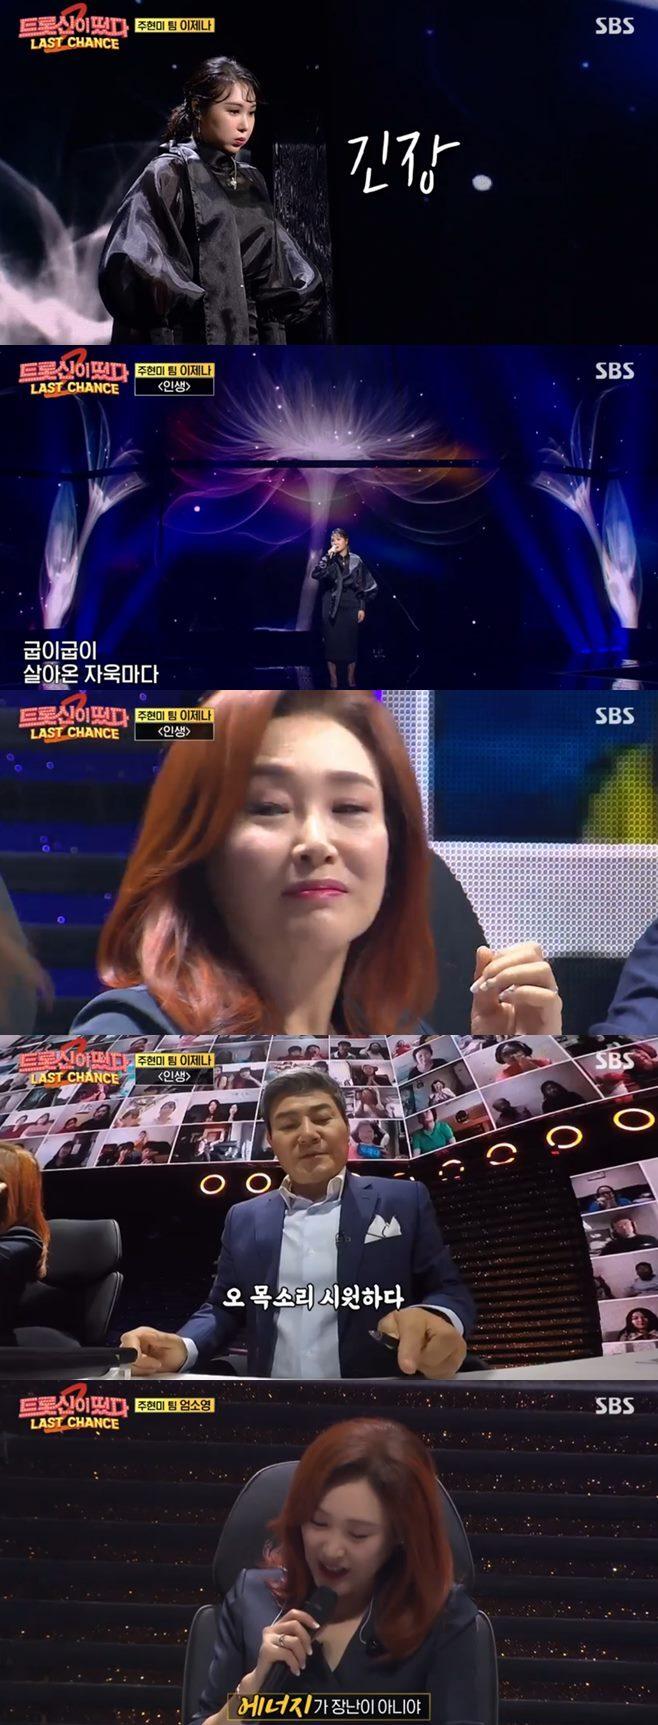 트롯신이 떴다2 가수 남진 김연자 설운도 주현미 진성 장윤정 나이 노래 이제나 엄소영